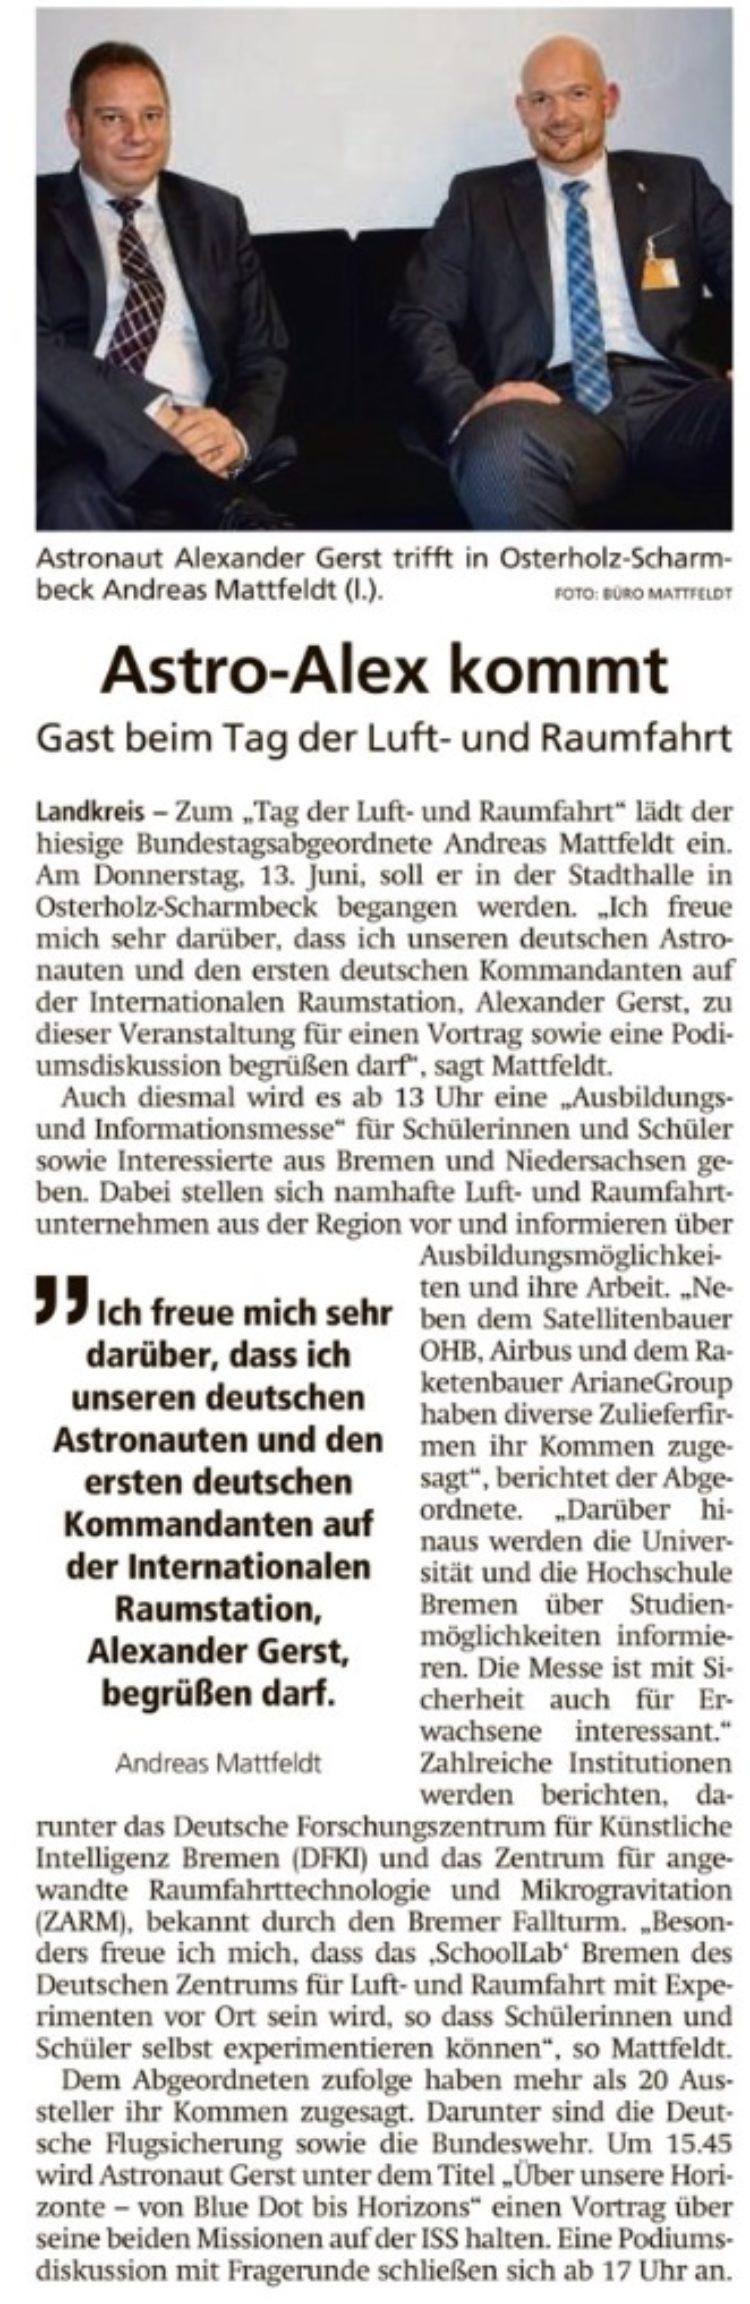 Einladung zum Tag der Luft- und Raumfahrt mit Alexander Gerst